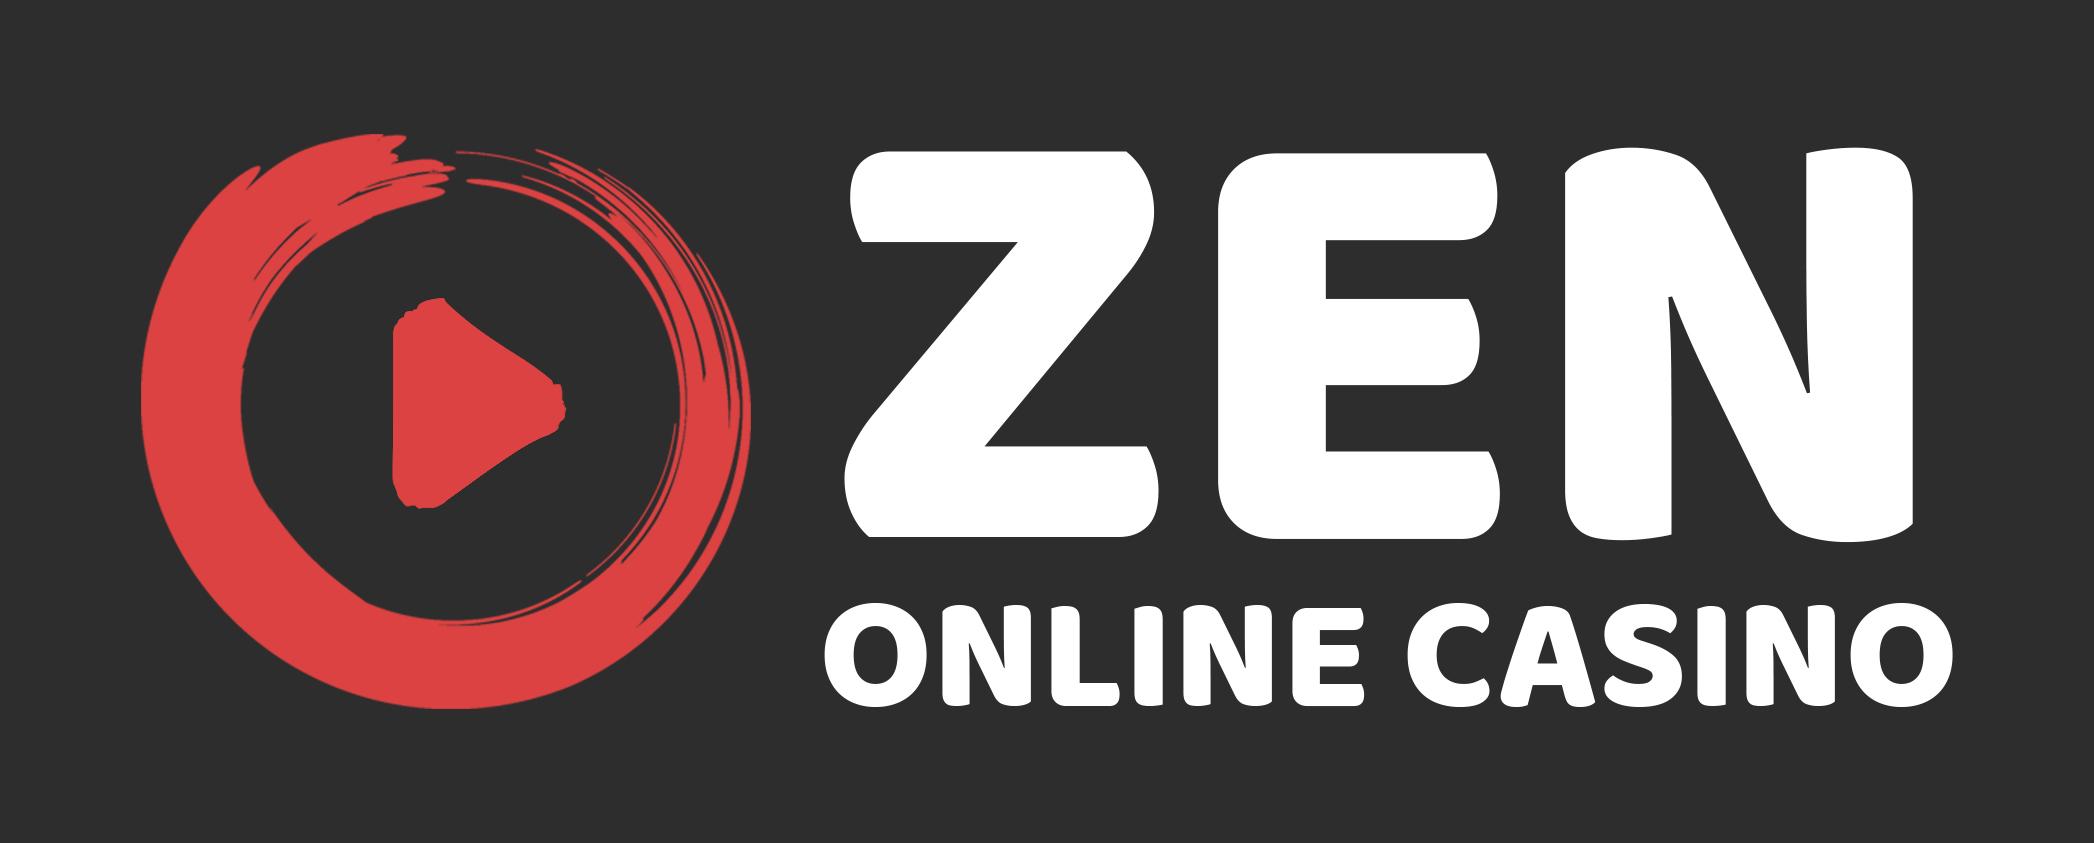 Online Casino Zen